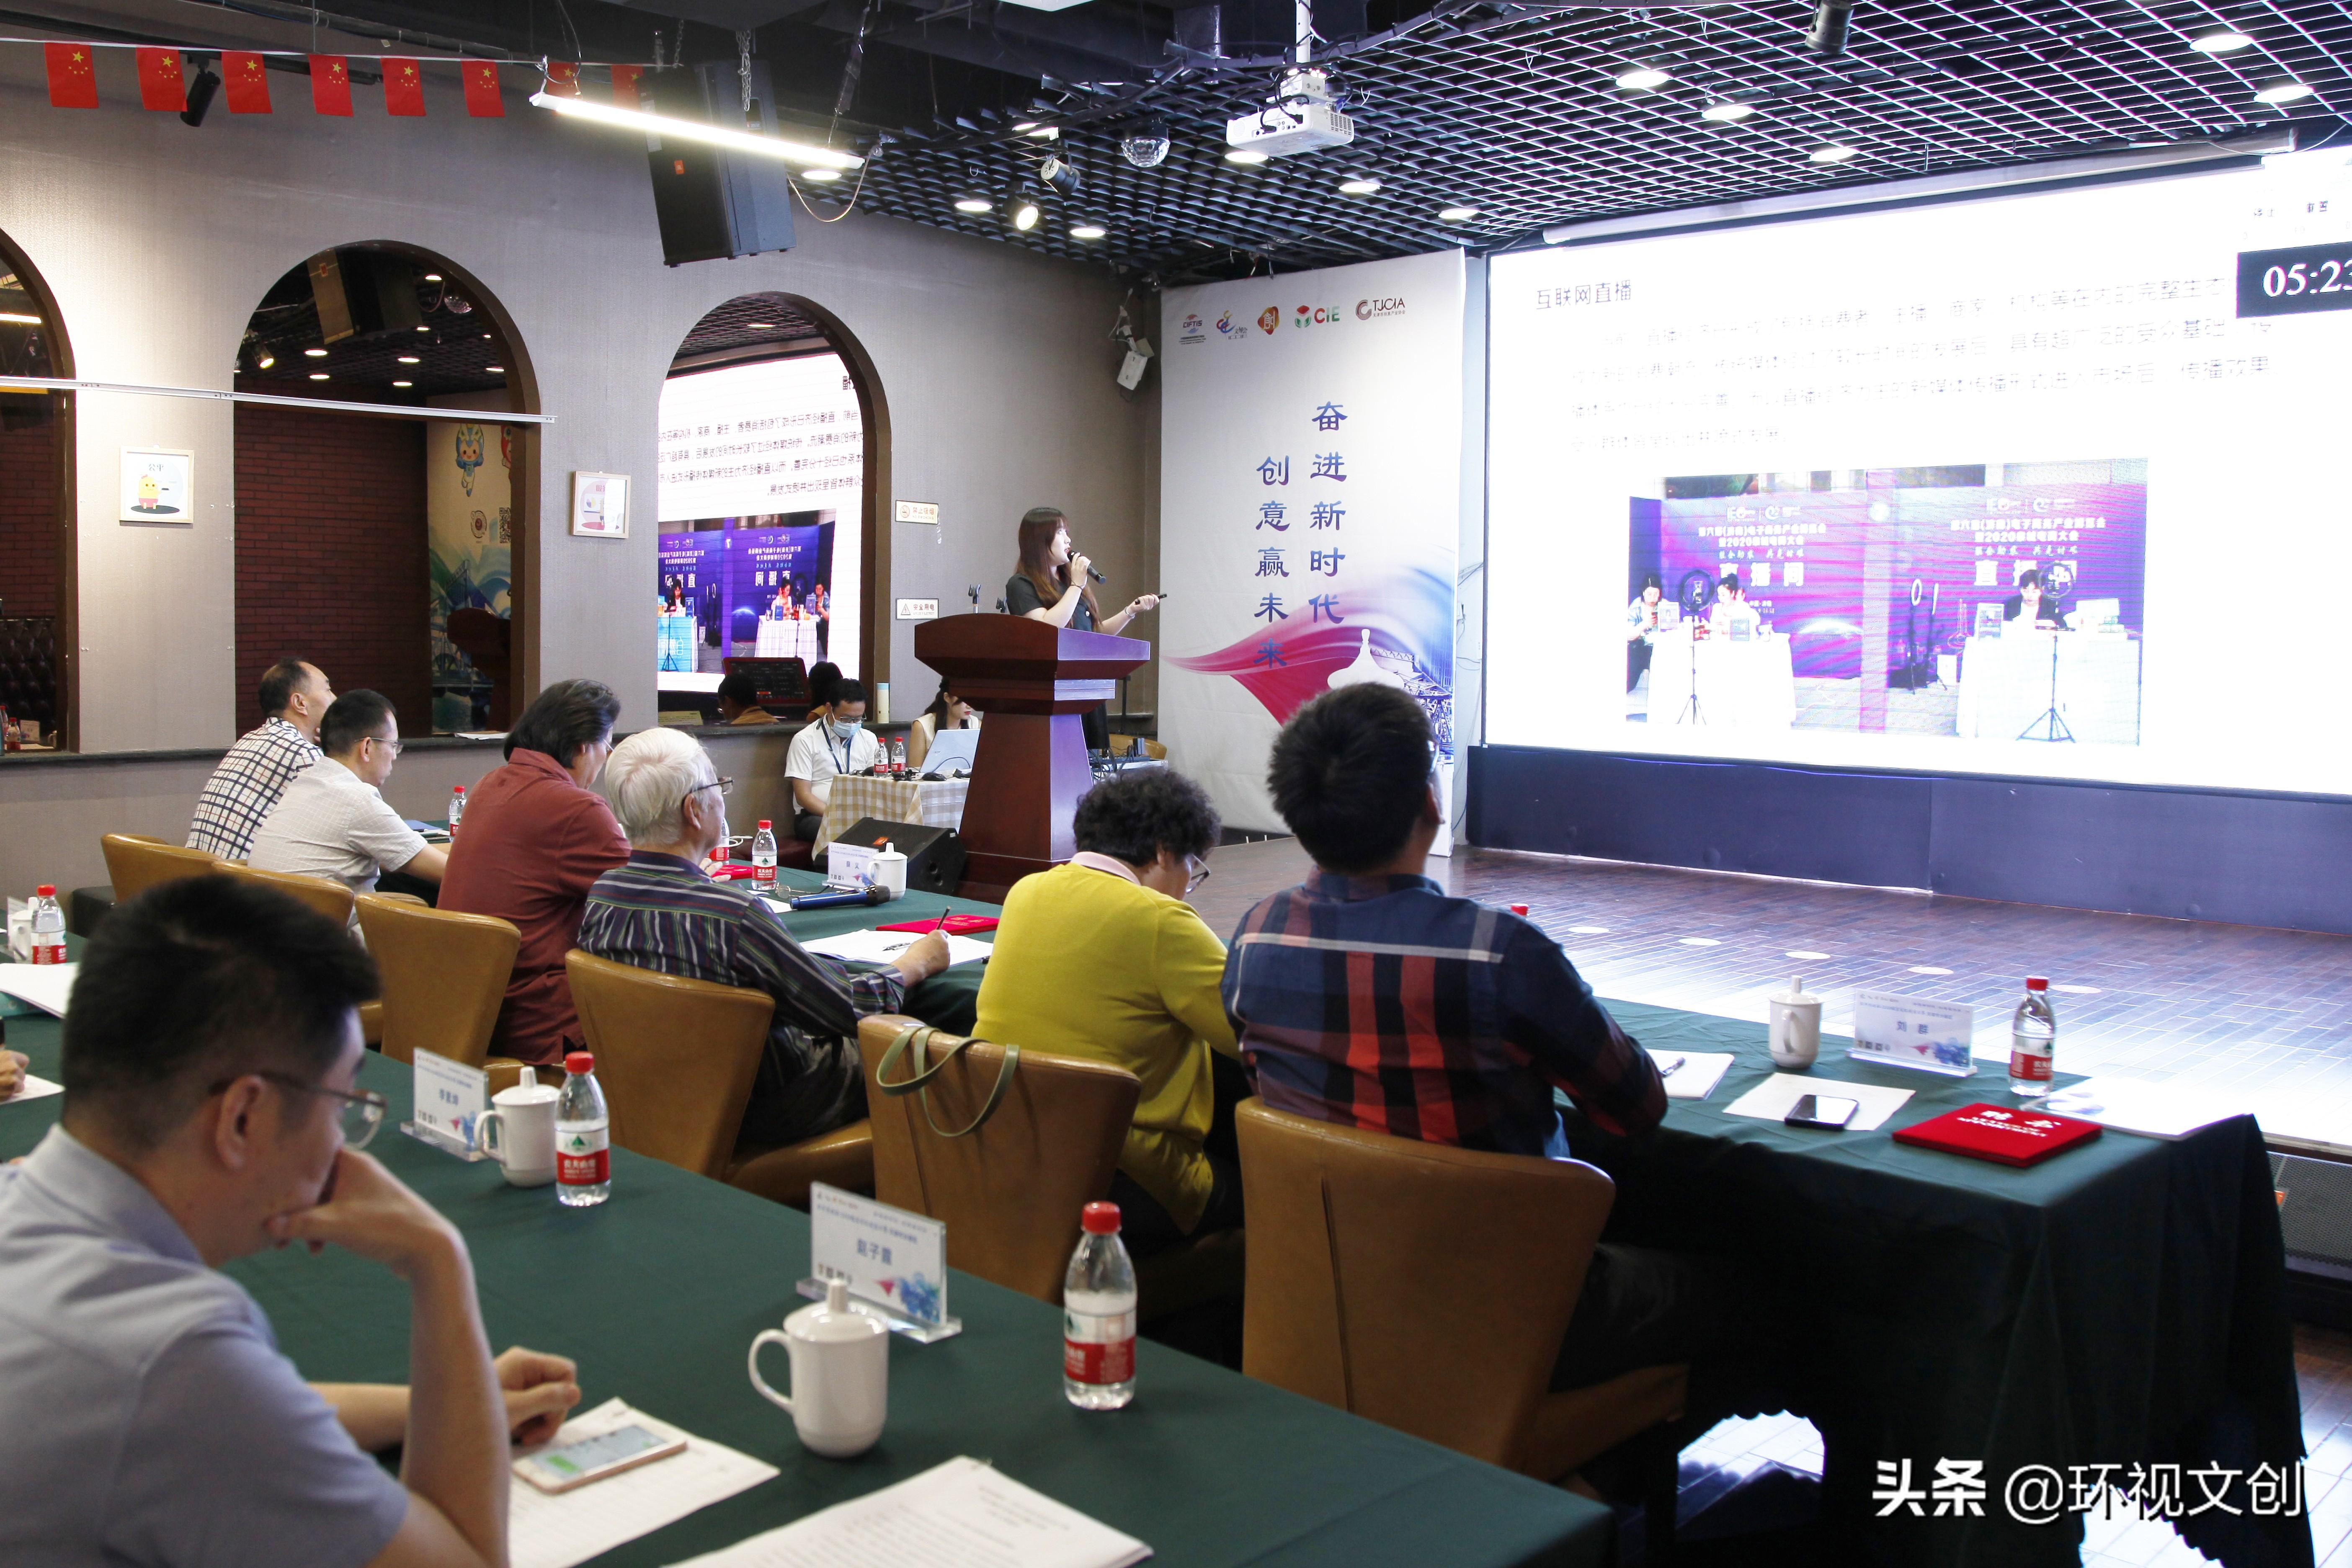 歌华传媒杯·2020北京文化创意大赛天津市分赛区复赛成功举行